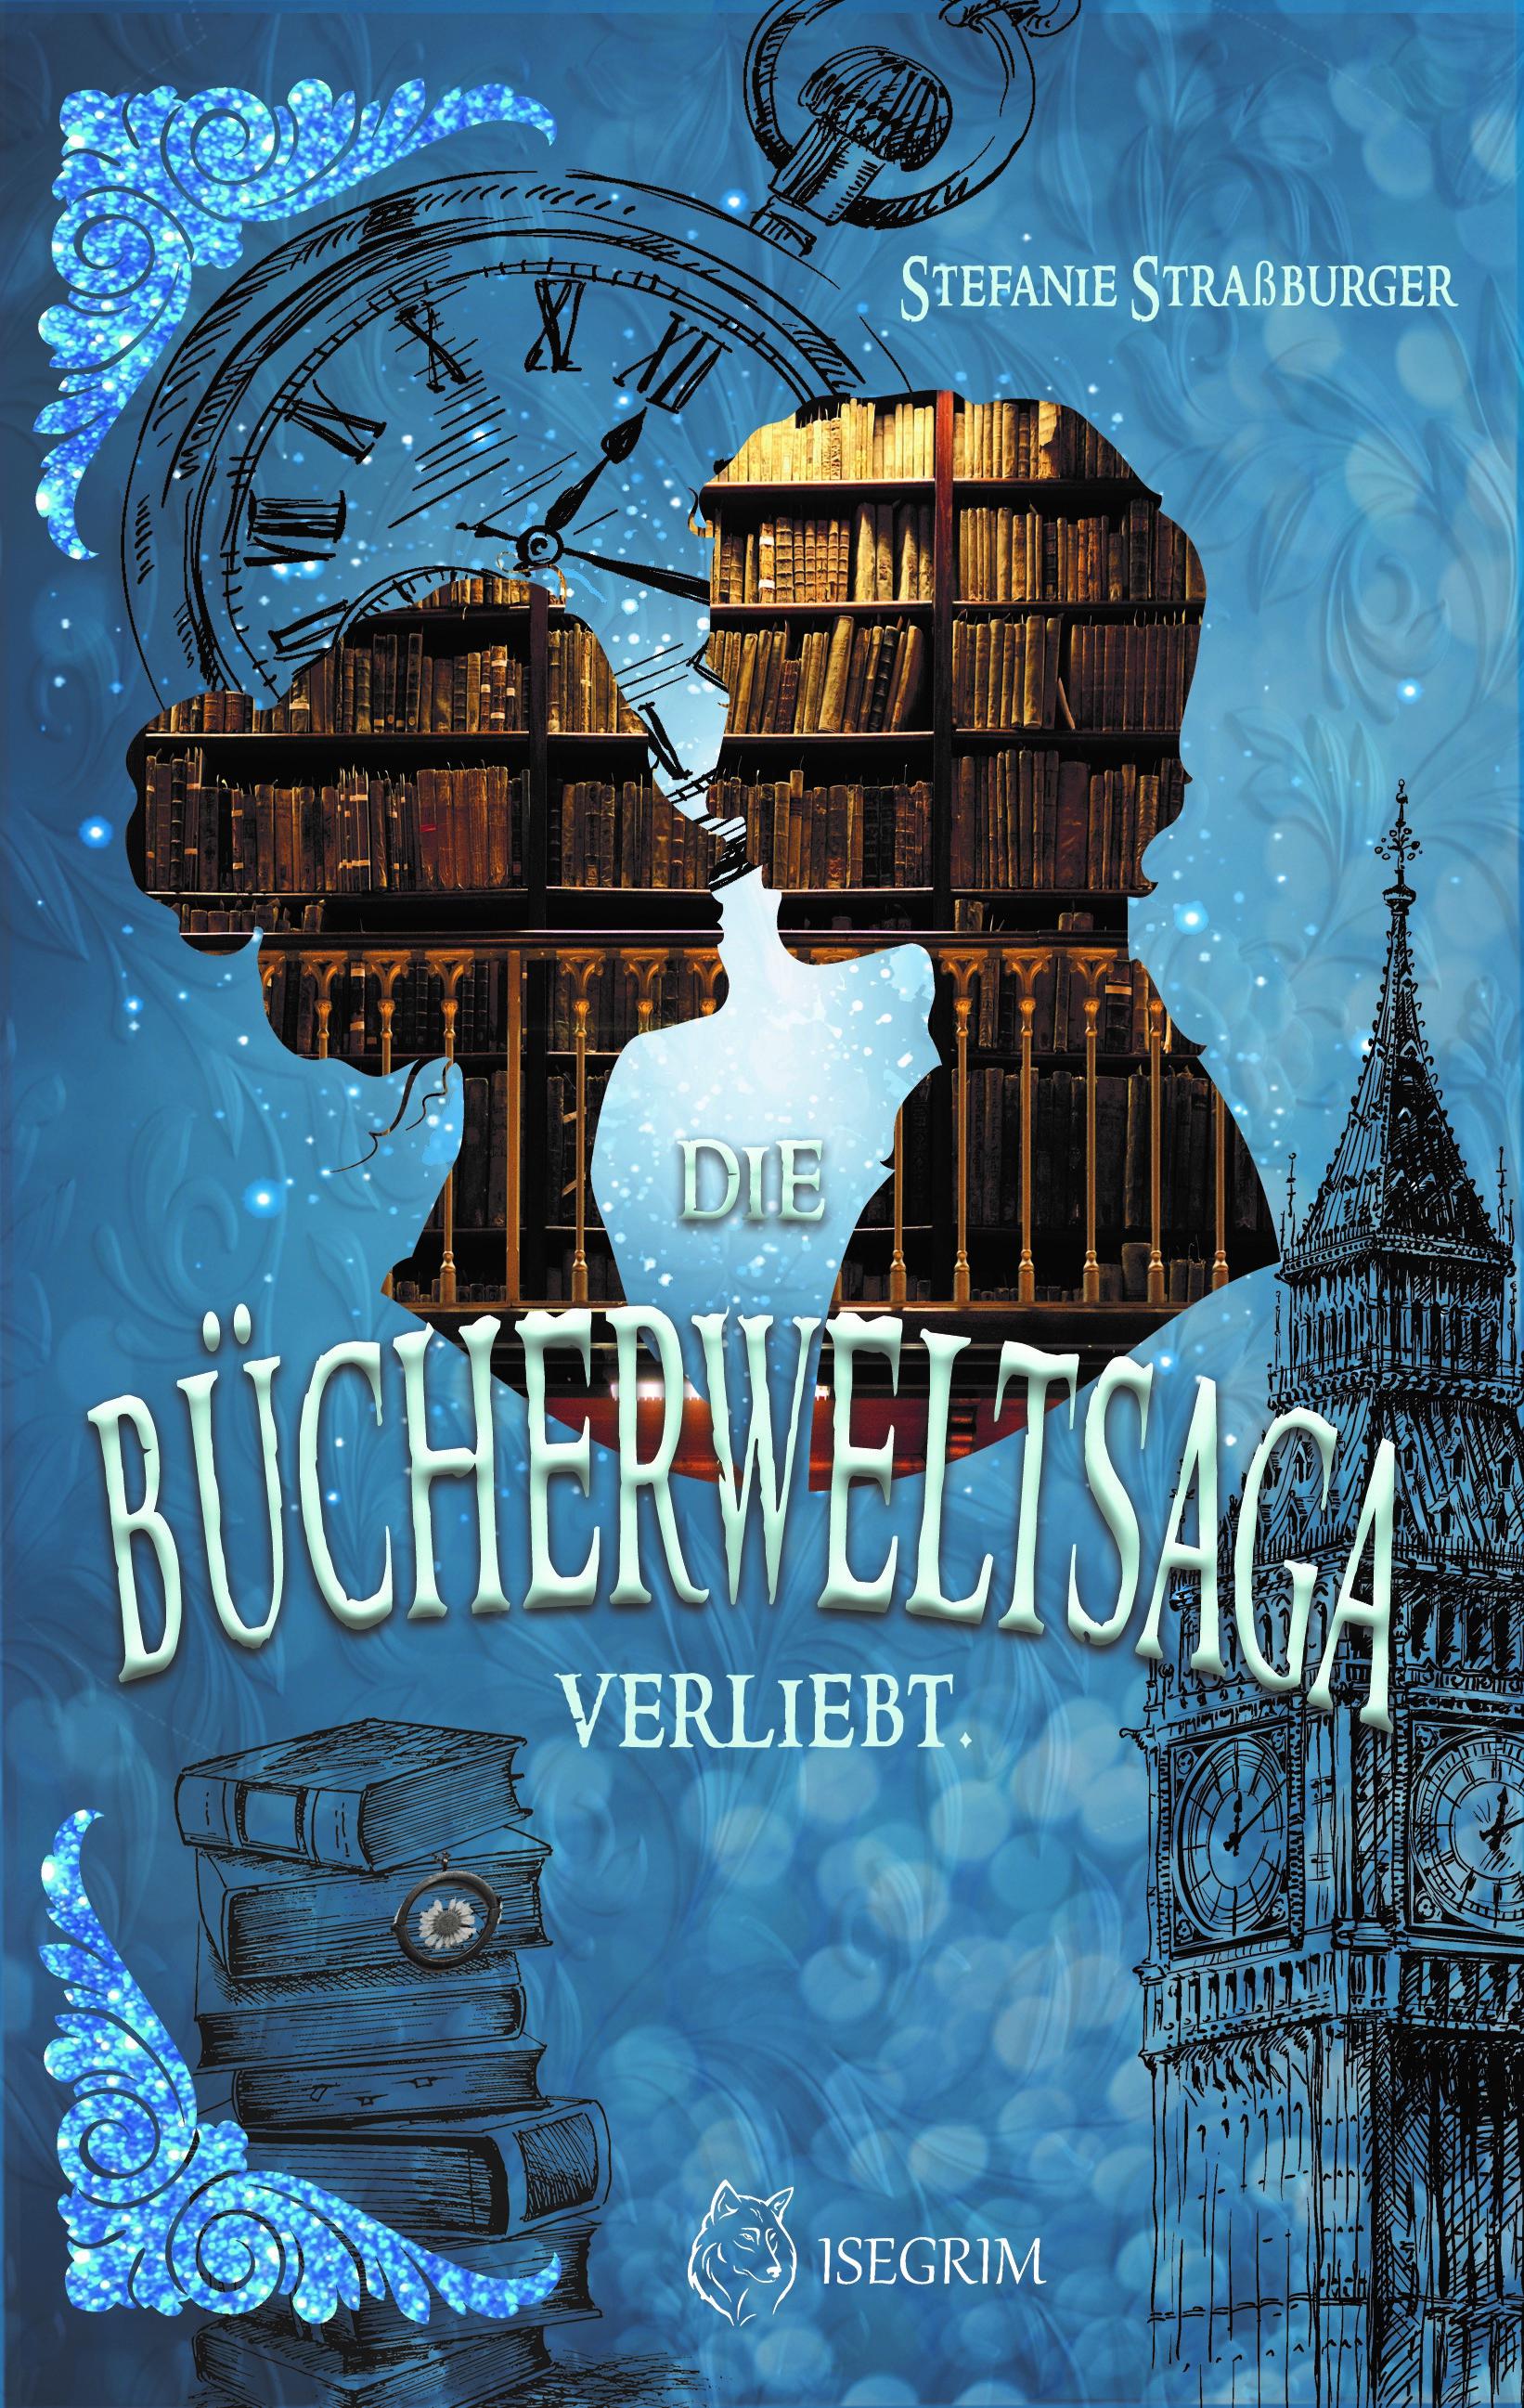 Bücherwelt-Saga Cover front